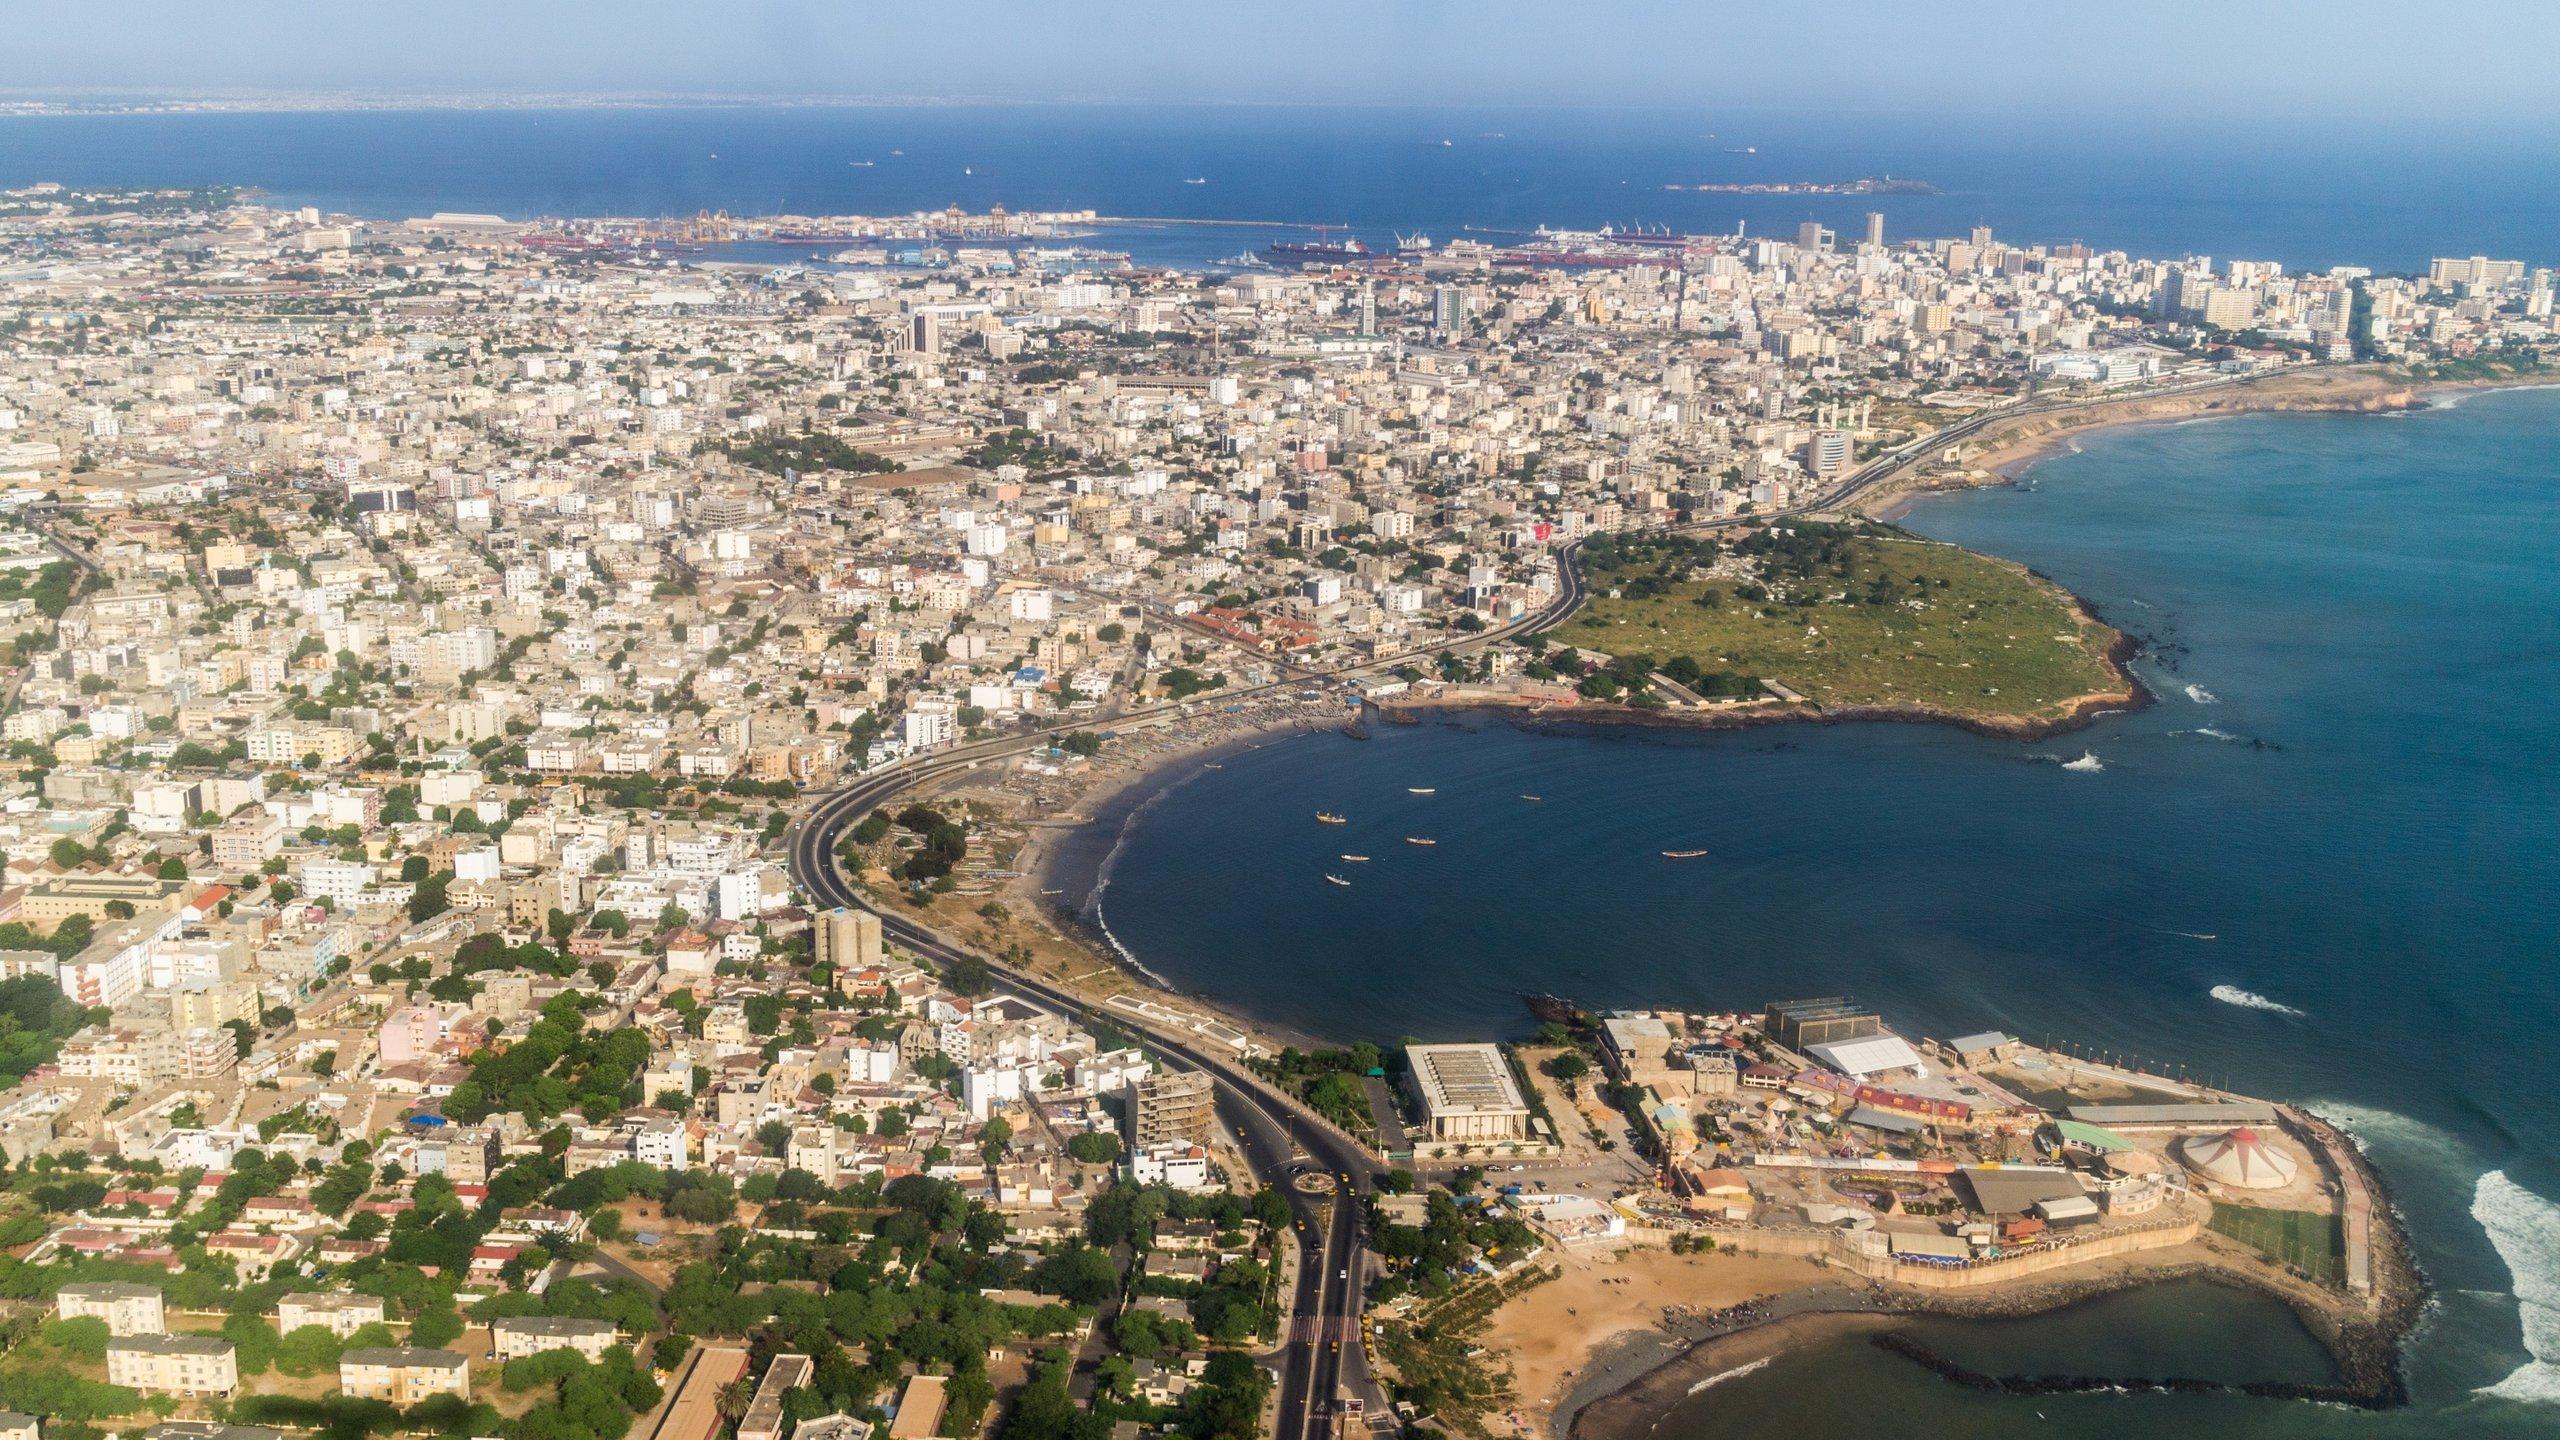 Dakar, Dakar Region, Senegal